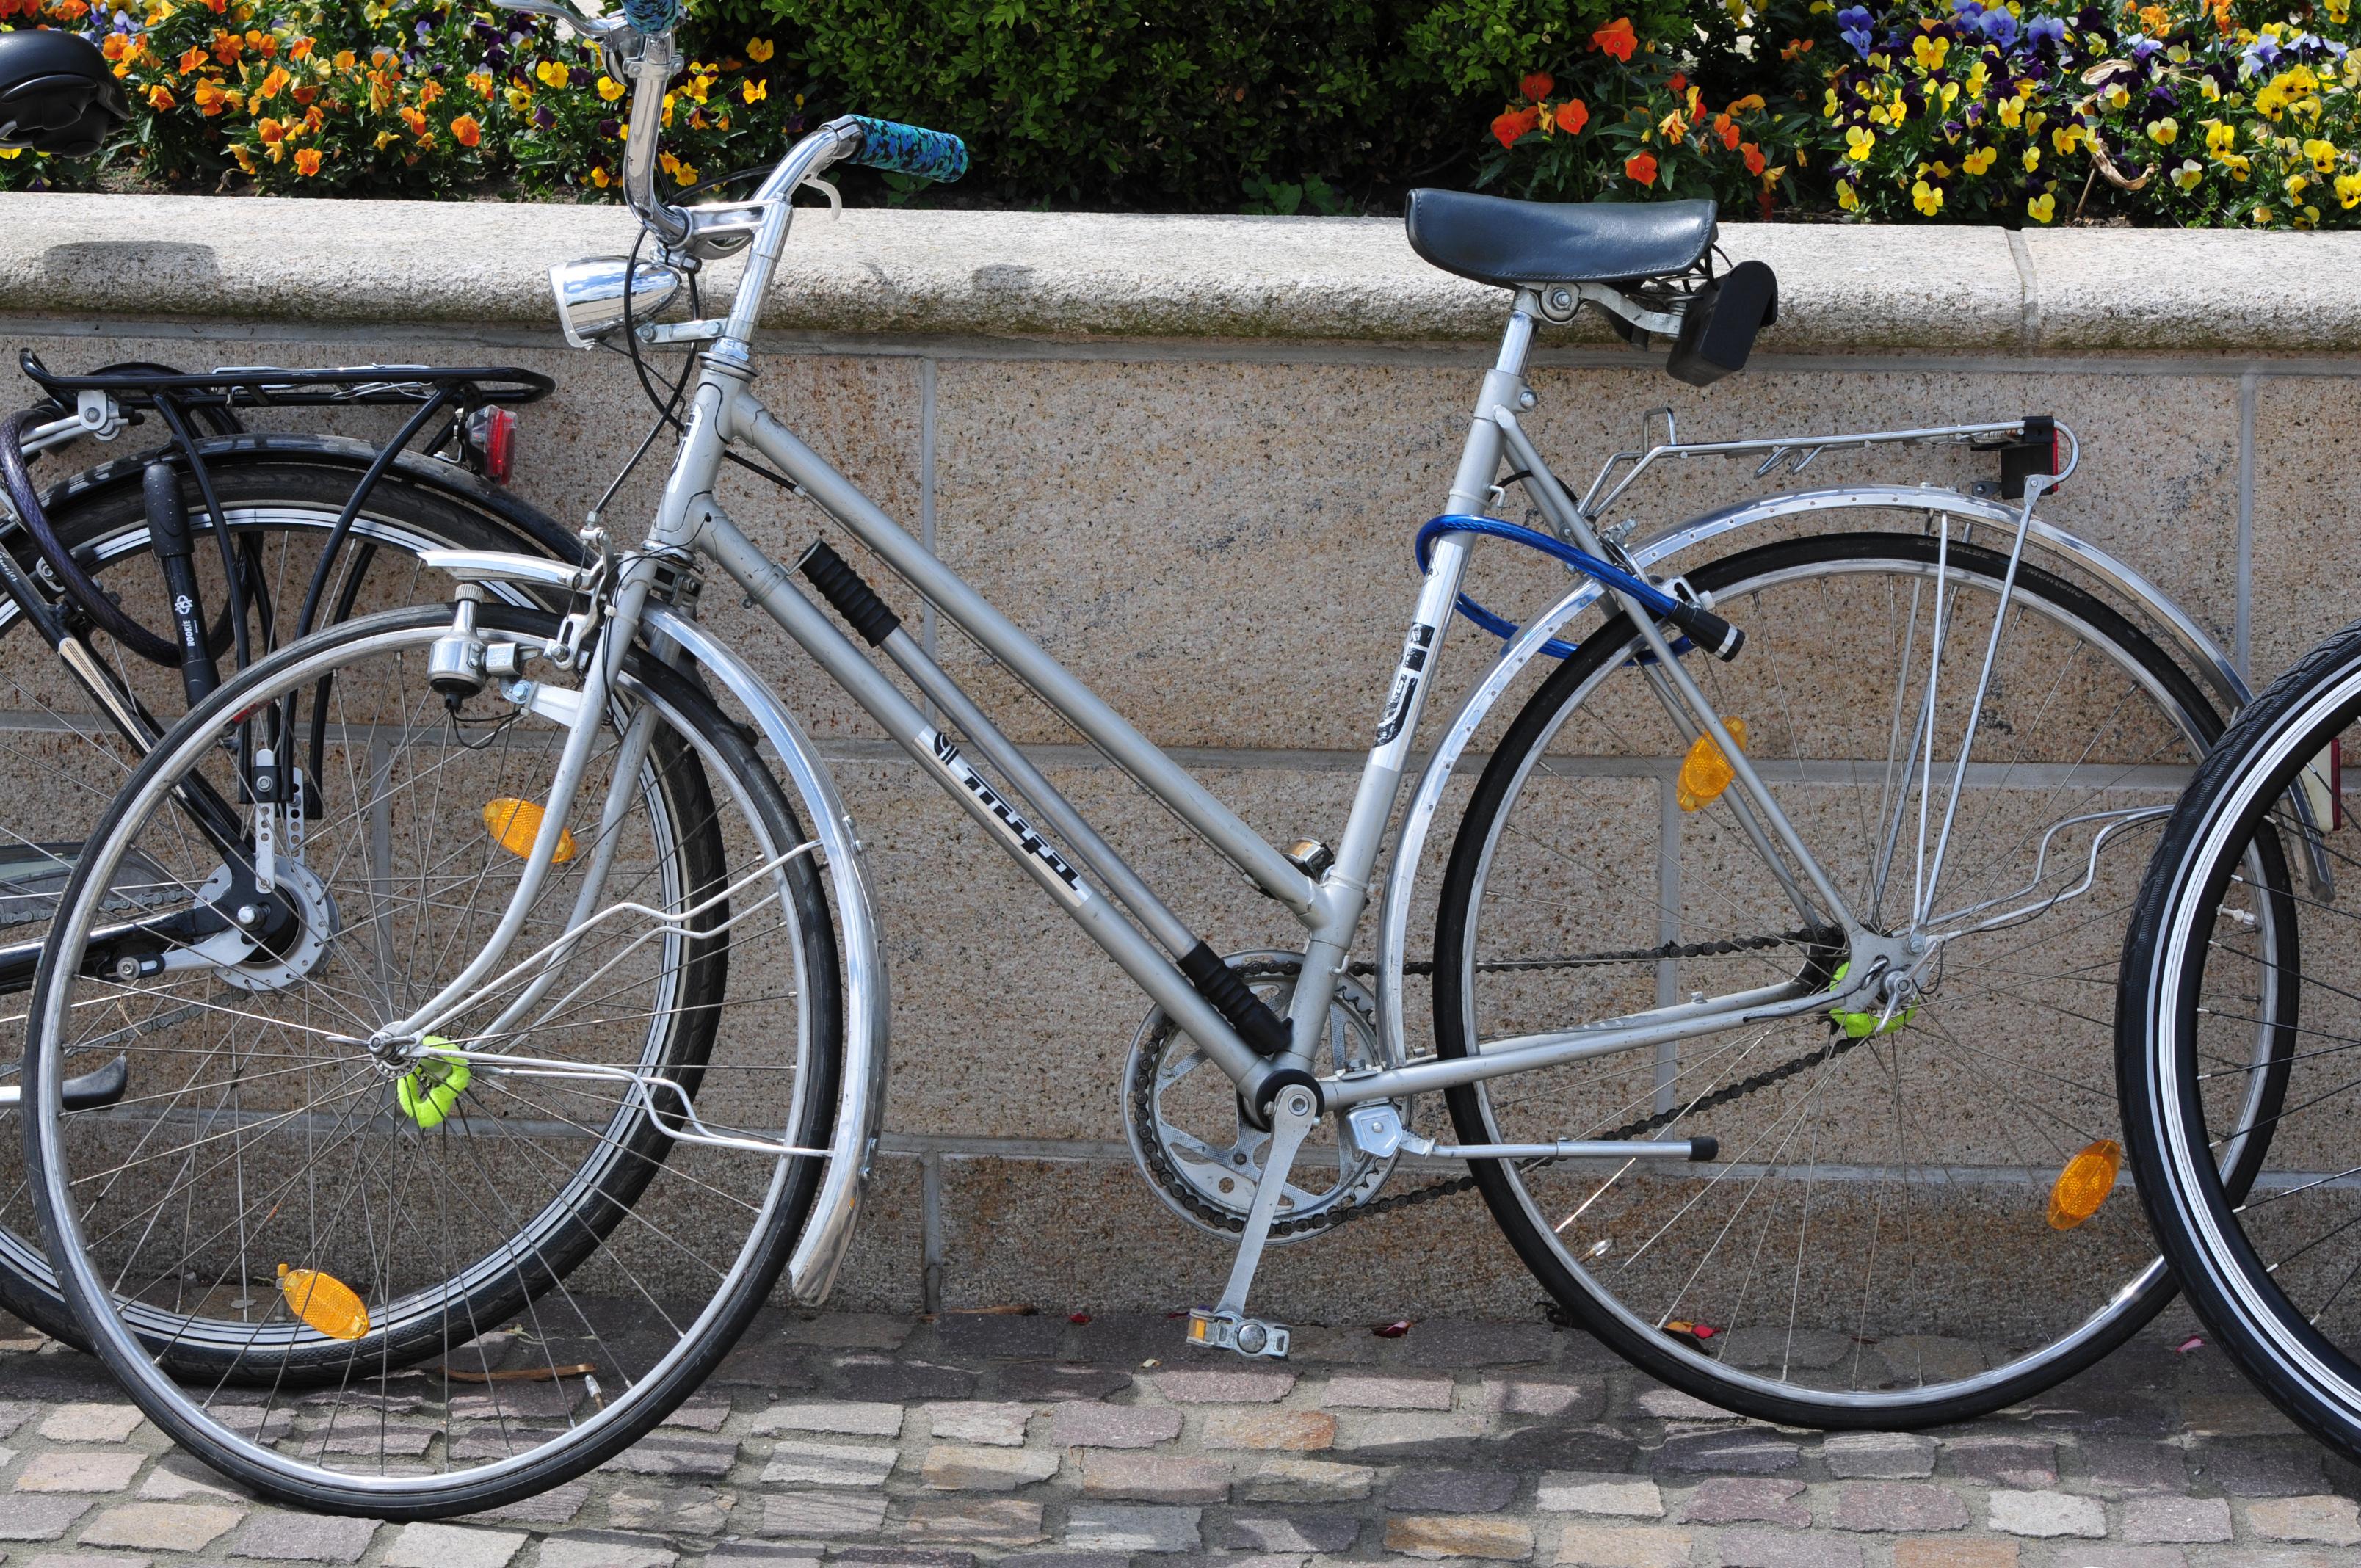 12-06-09-fahrrad-by-ralfr-13.jpg